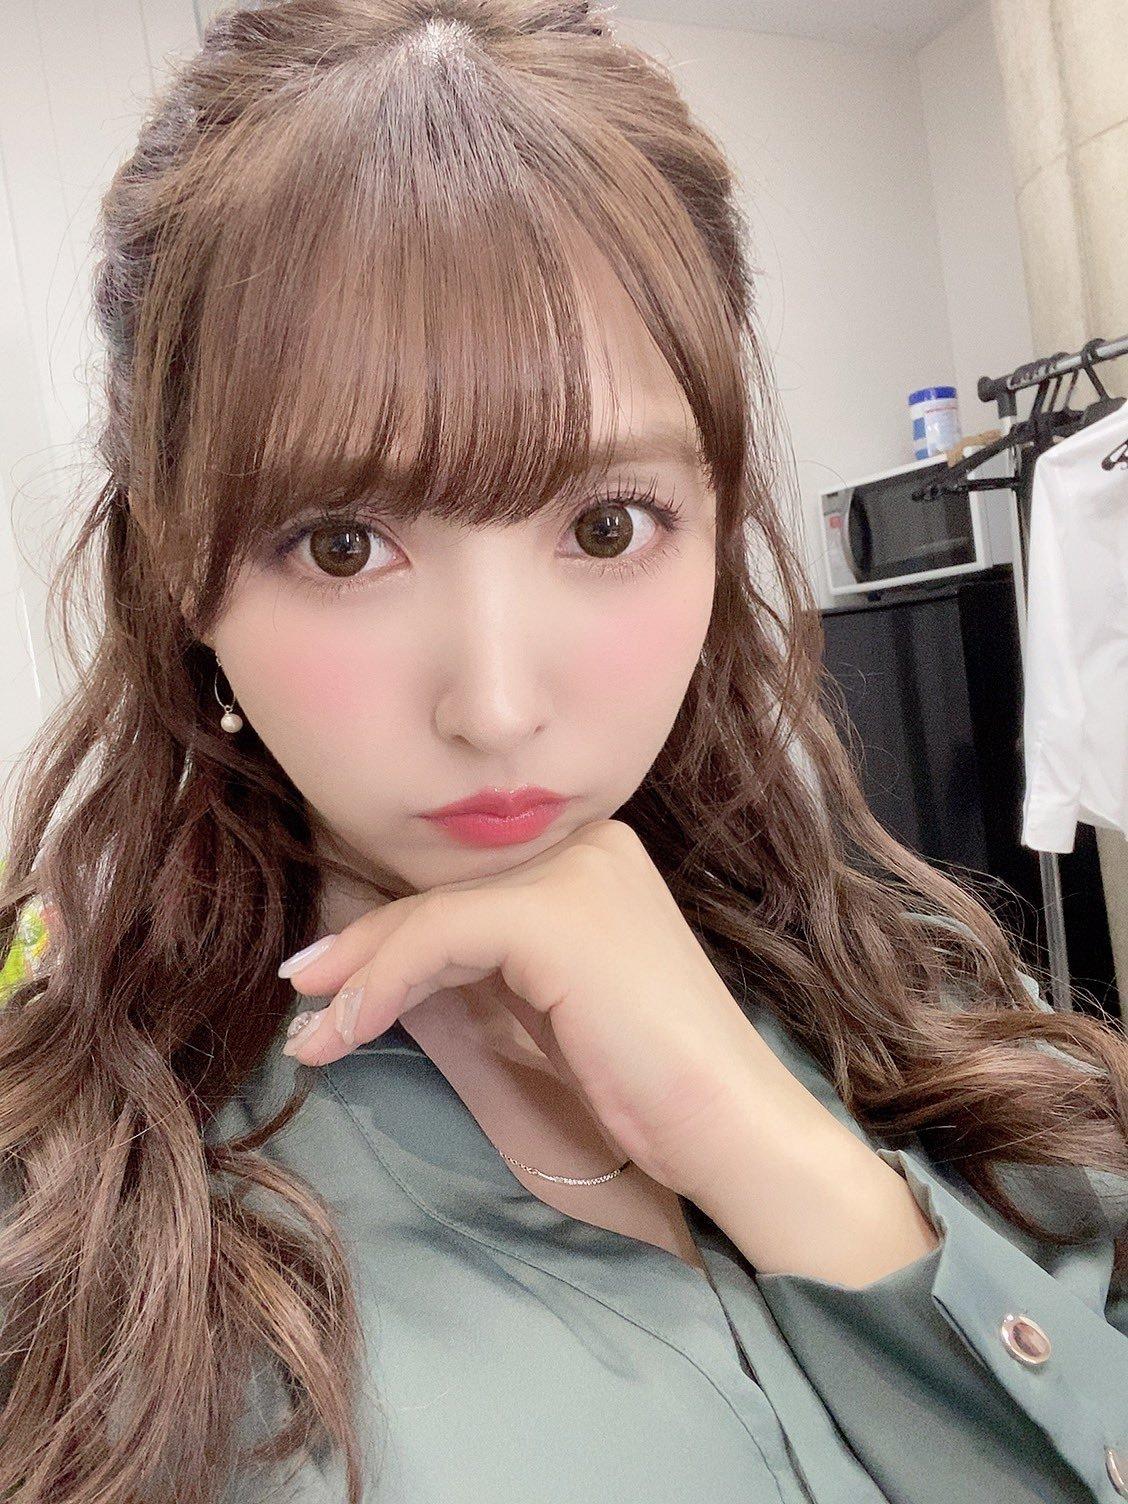 yua_mikami 1272872435642068993_p0